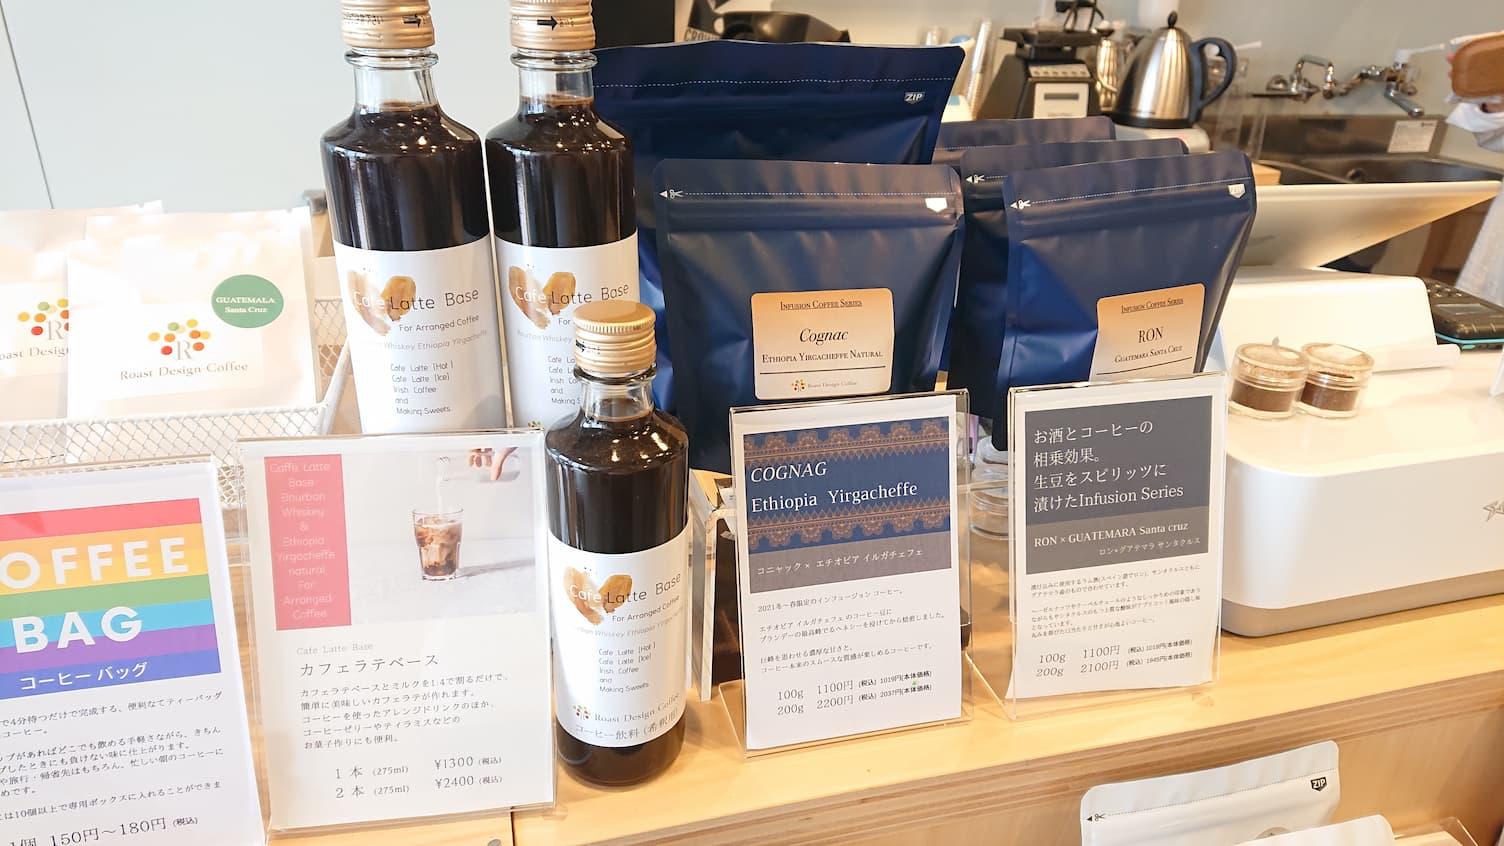 カフェラテベース(左)、洋酒の香るインフュージョンコーヒー(右)